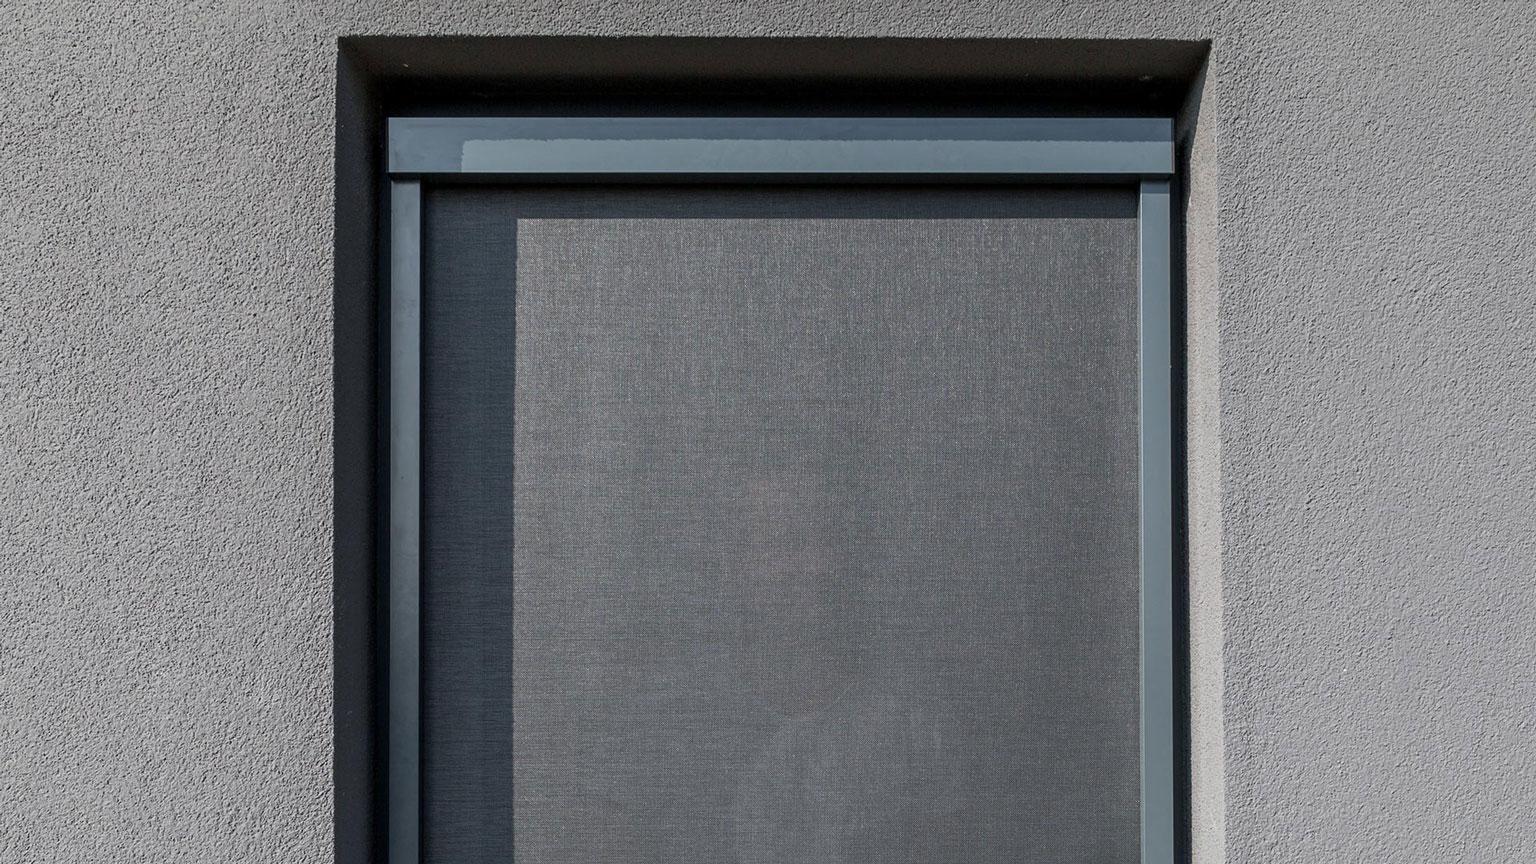 Full Size of Fensterrollo Innen Das Auenrollo Einzige Zum Klemmen Sprüche T Shirt Junggesellinnenabschied Sonnenschutz Fenster Rollos Sonnenschutzfolie Jalousien Küche Wohnzimmer Fensterrollo Innen